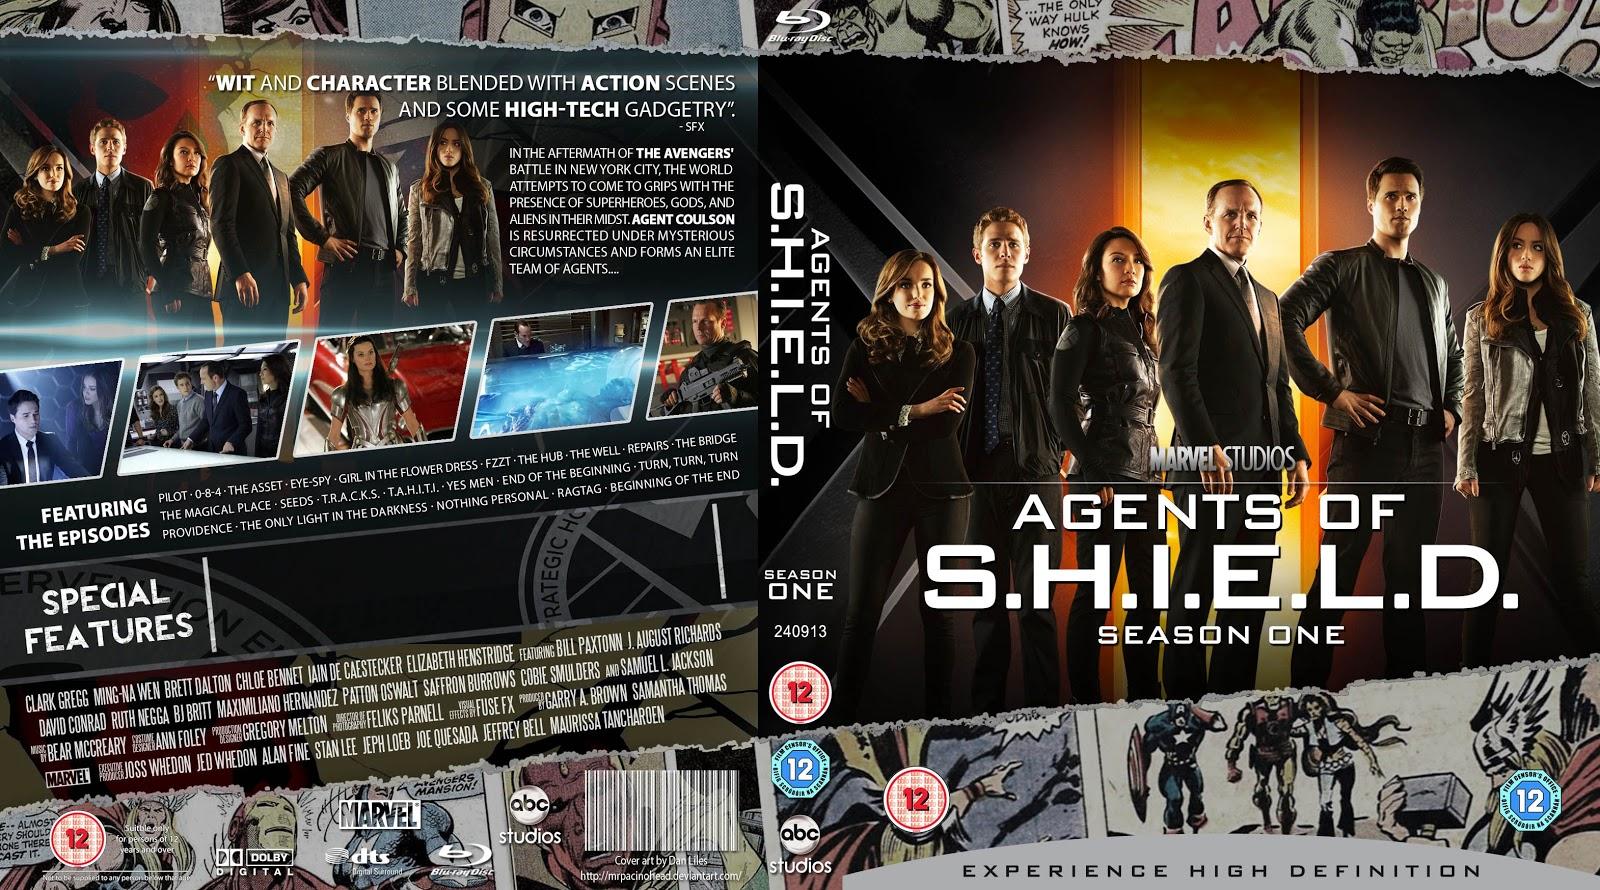 Capa Bluray Agents Of Shield Season One